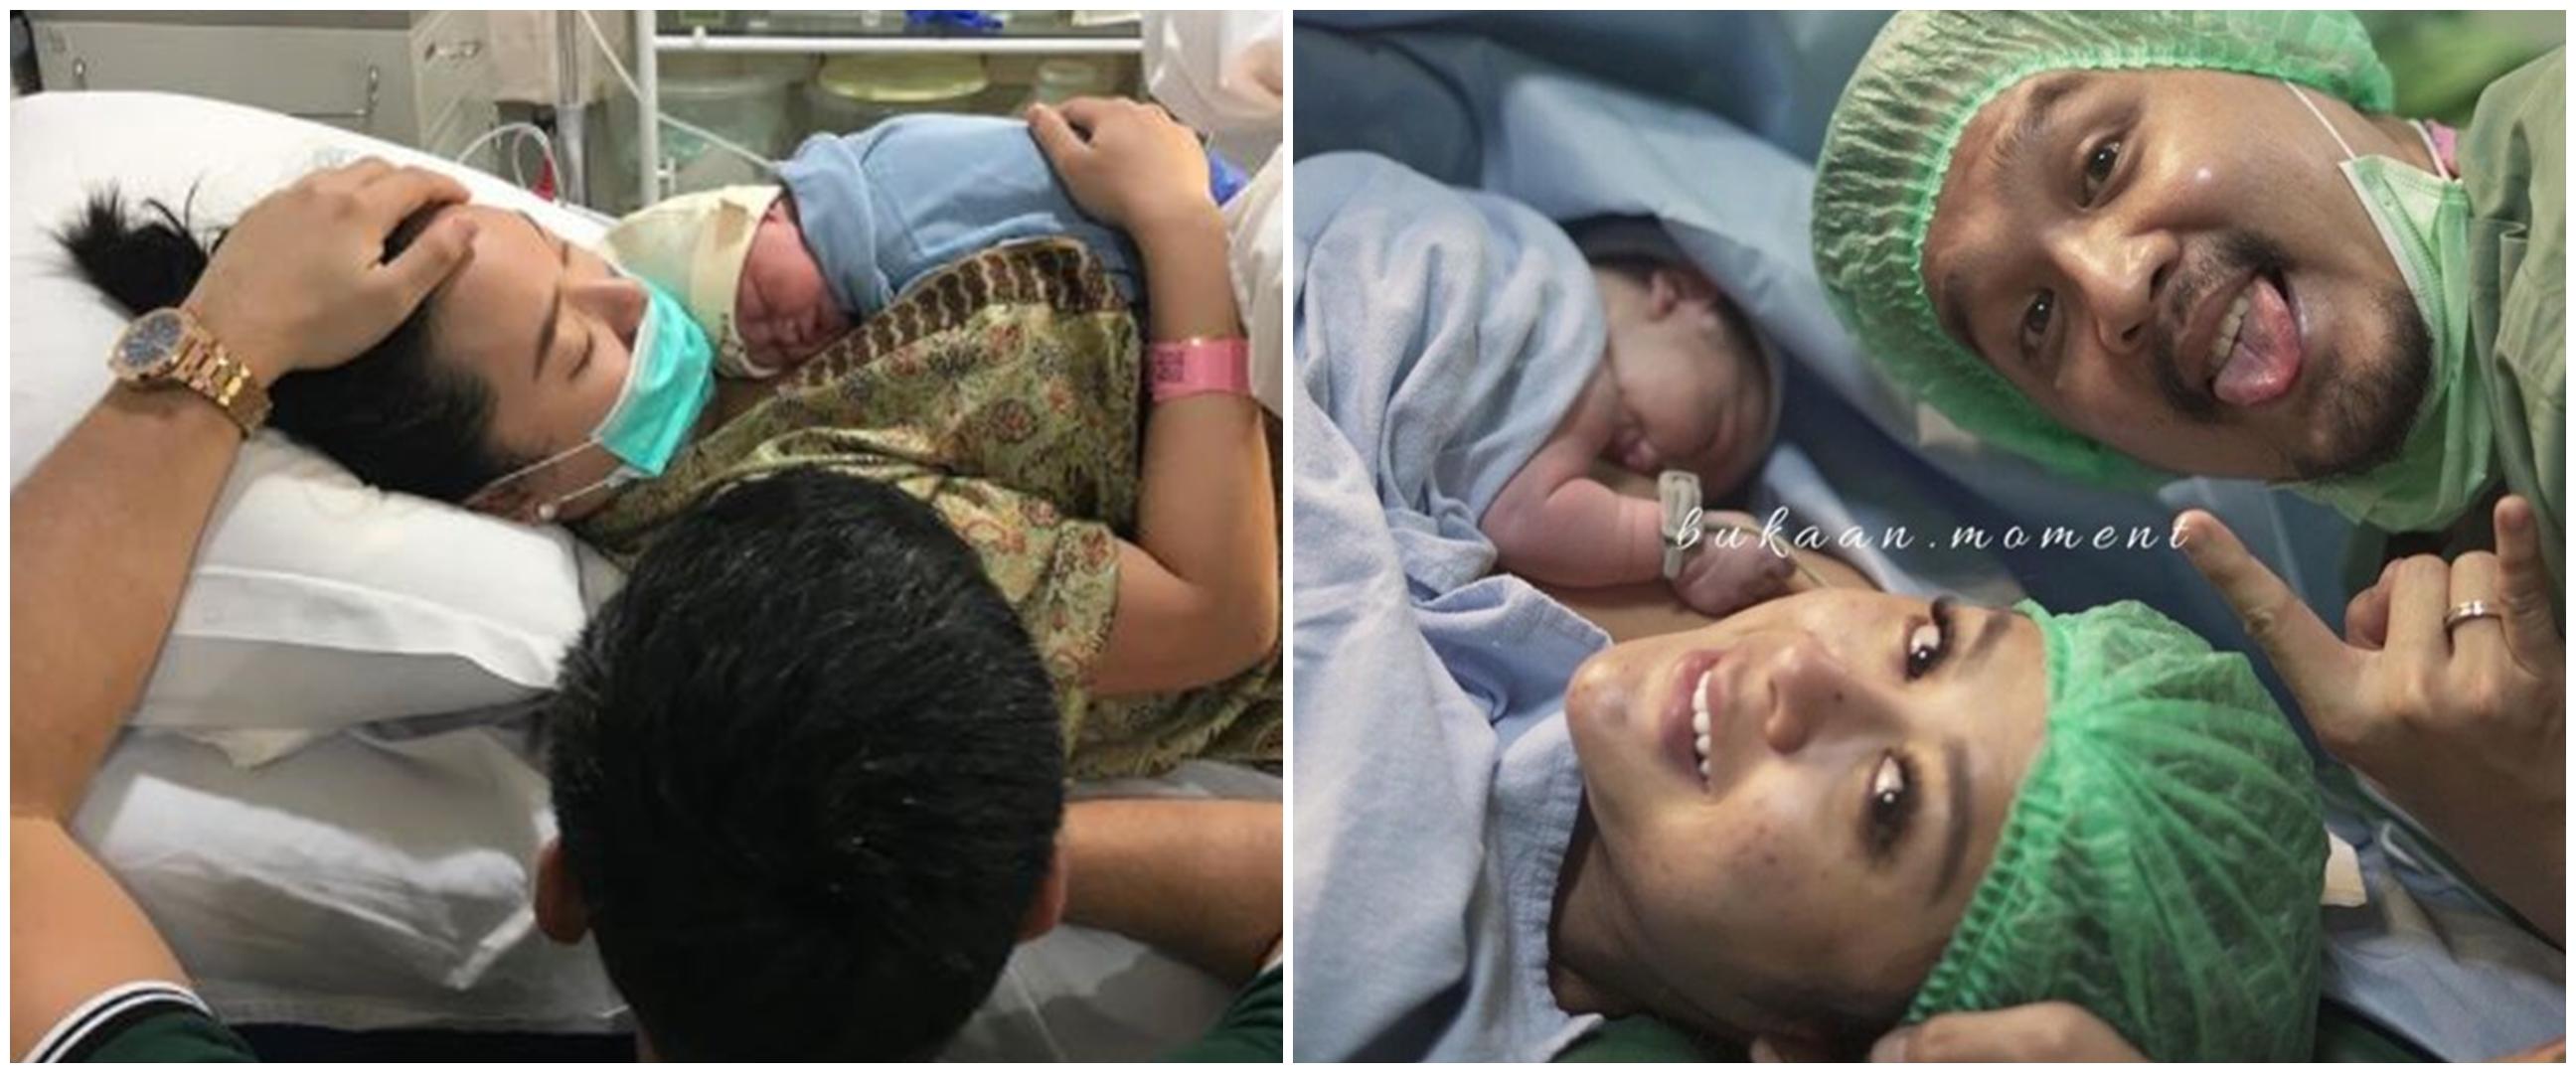 Momen bahagia 6 pedangdut melahirkan anak pertama, penuh perjuangan